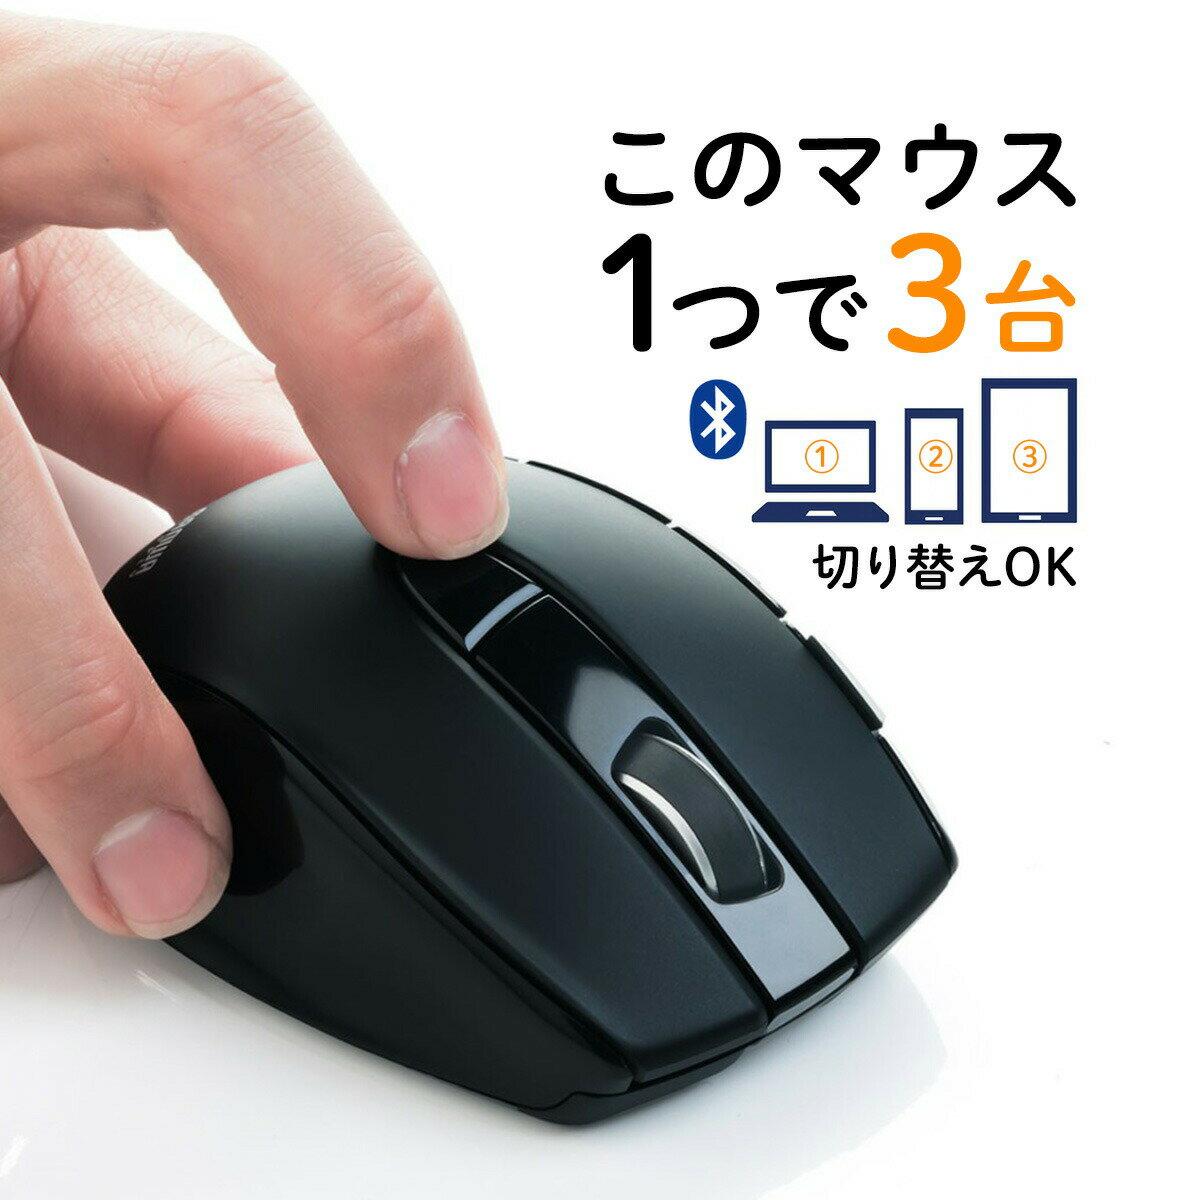 【7月18日値下げしました】マルチペアリング対応マウス ブルートゥース3.0 3デバイスペアリング対応 ワンタッチ切り替…